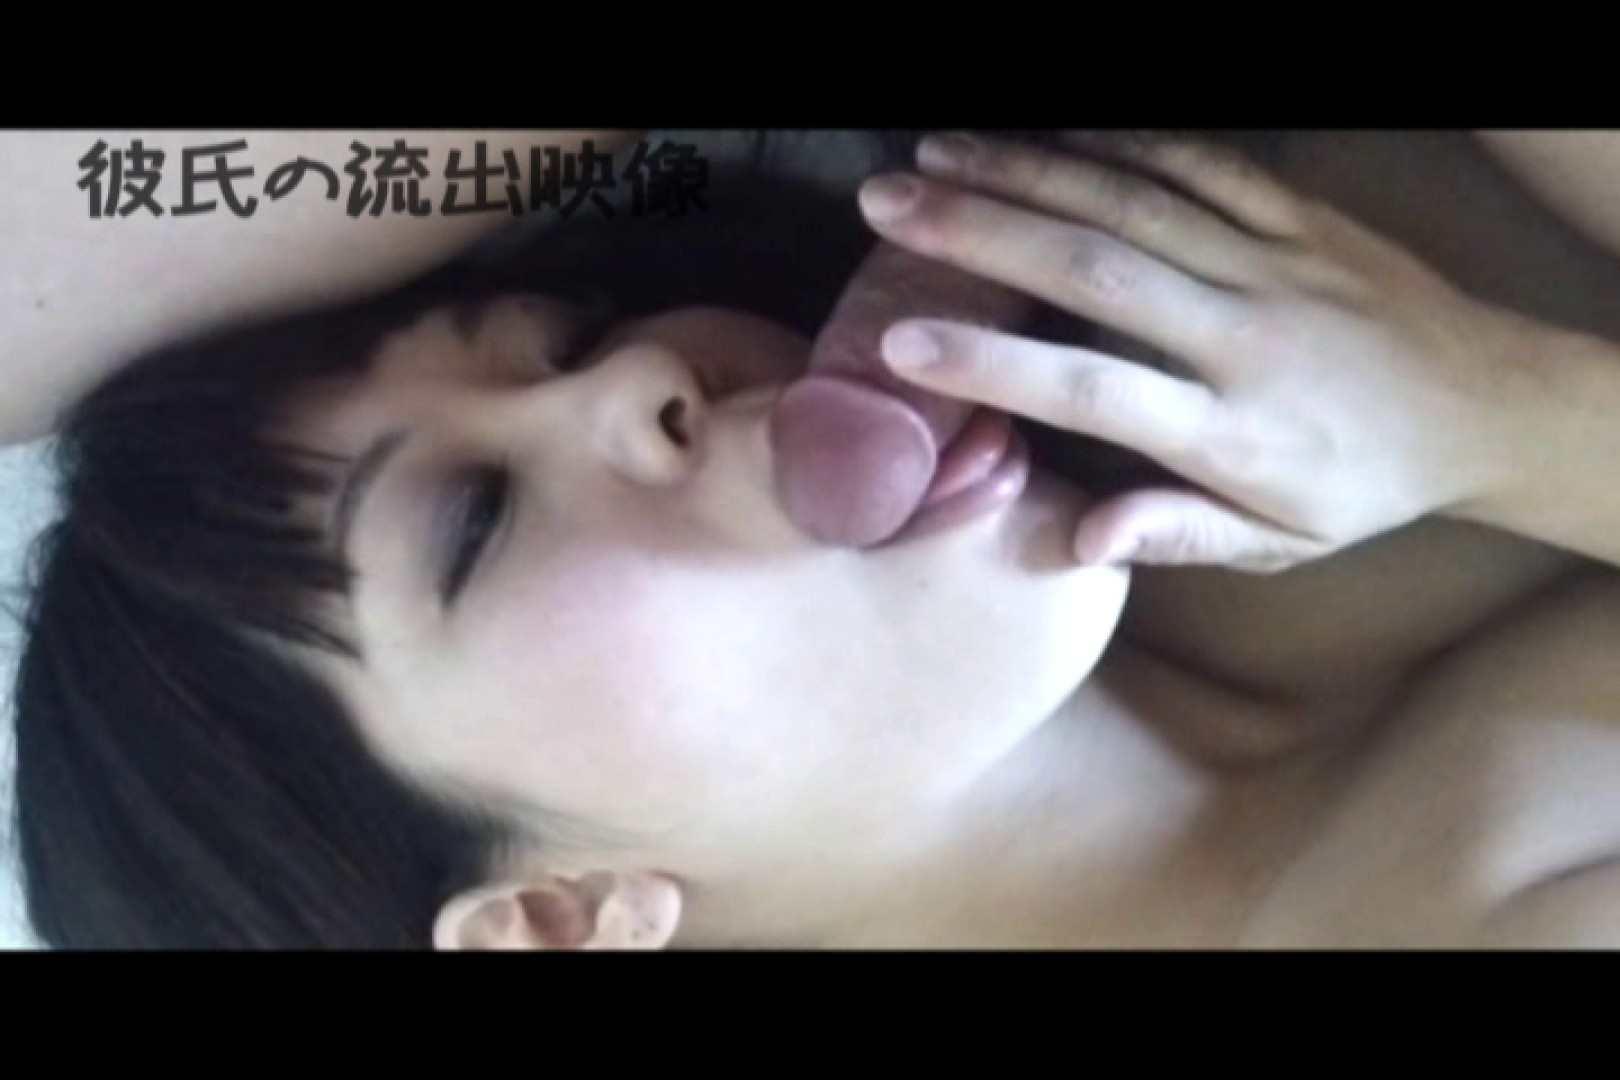 彼氏が流出 パイパン素人嬢のハメ撮り映像03 カップル | 可愛いパイパン  92pic 58